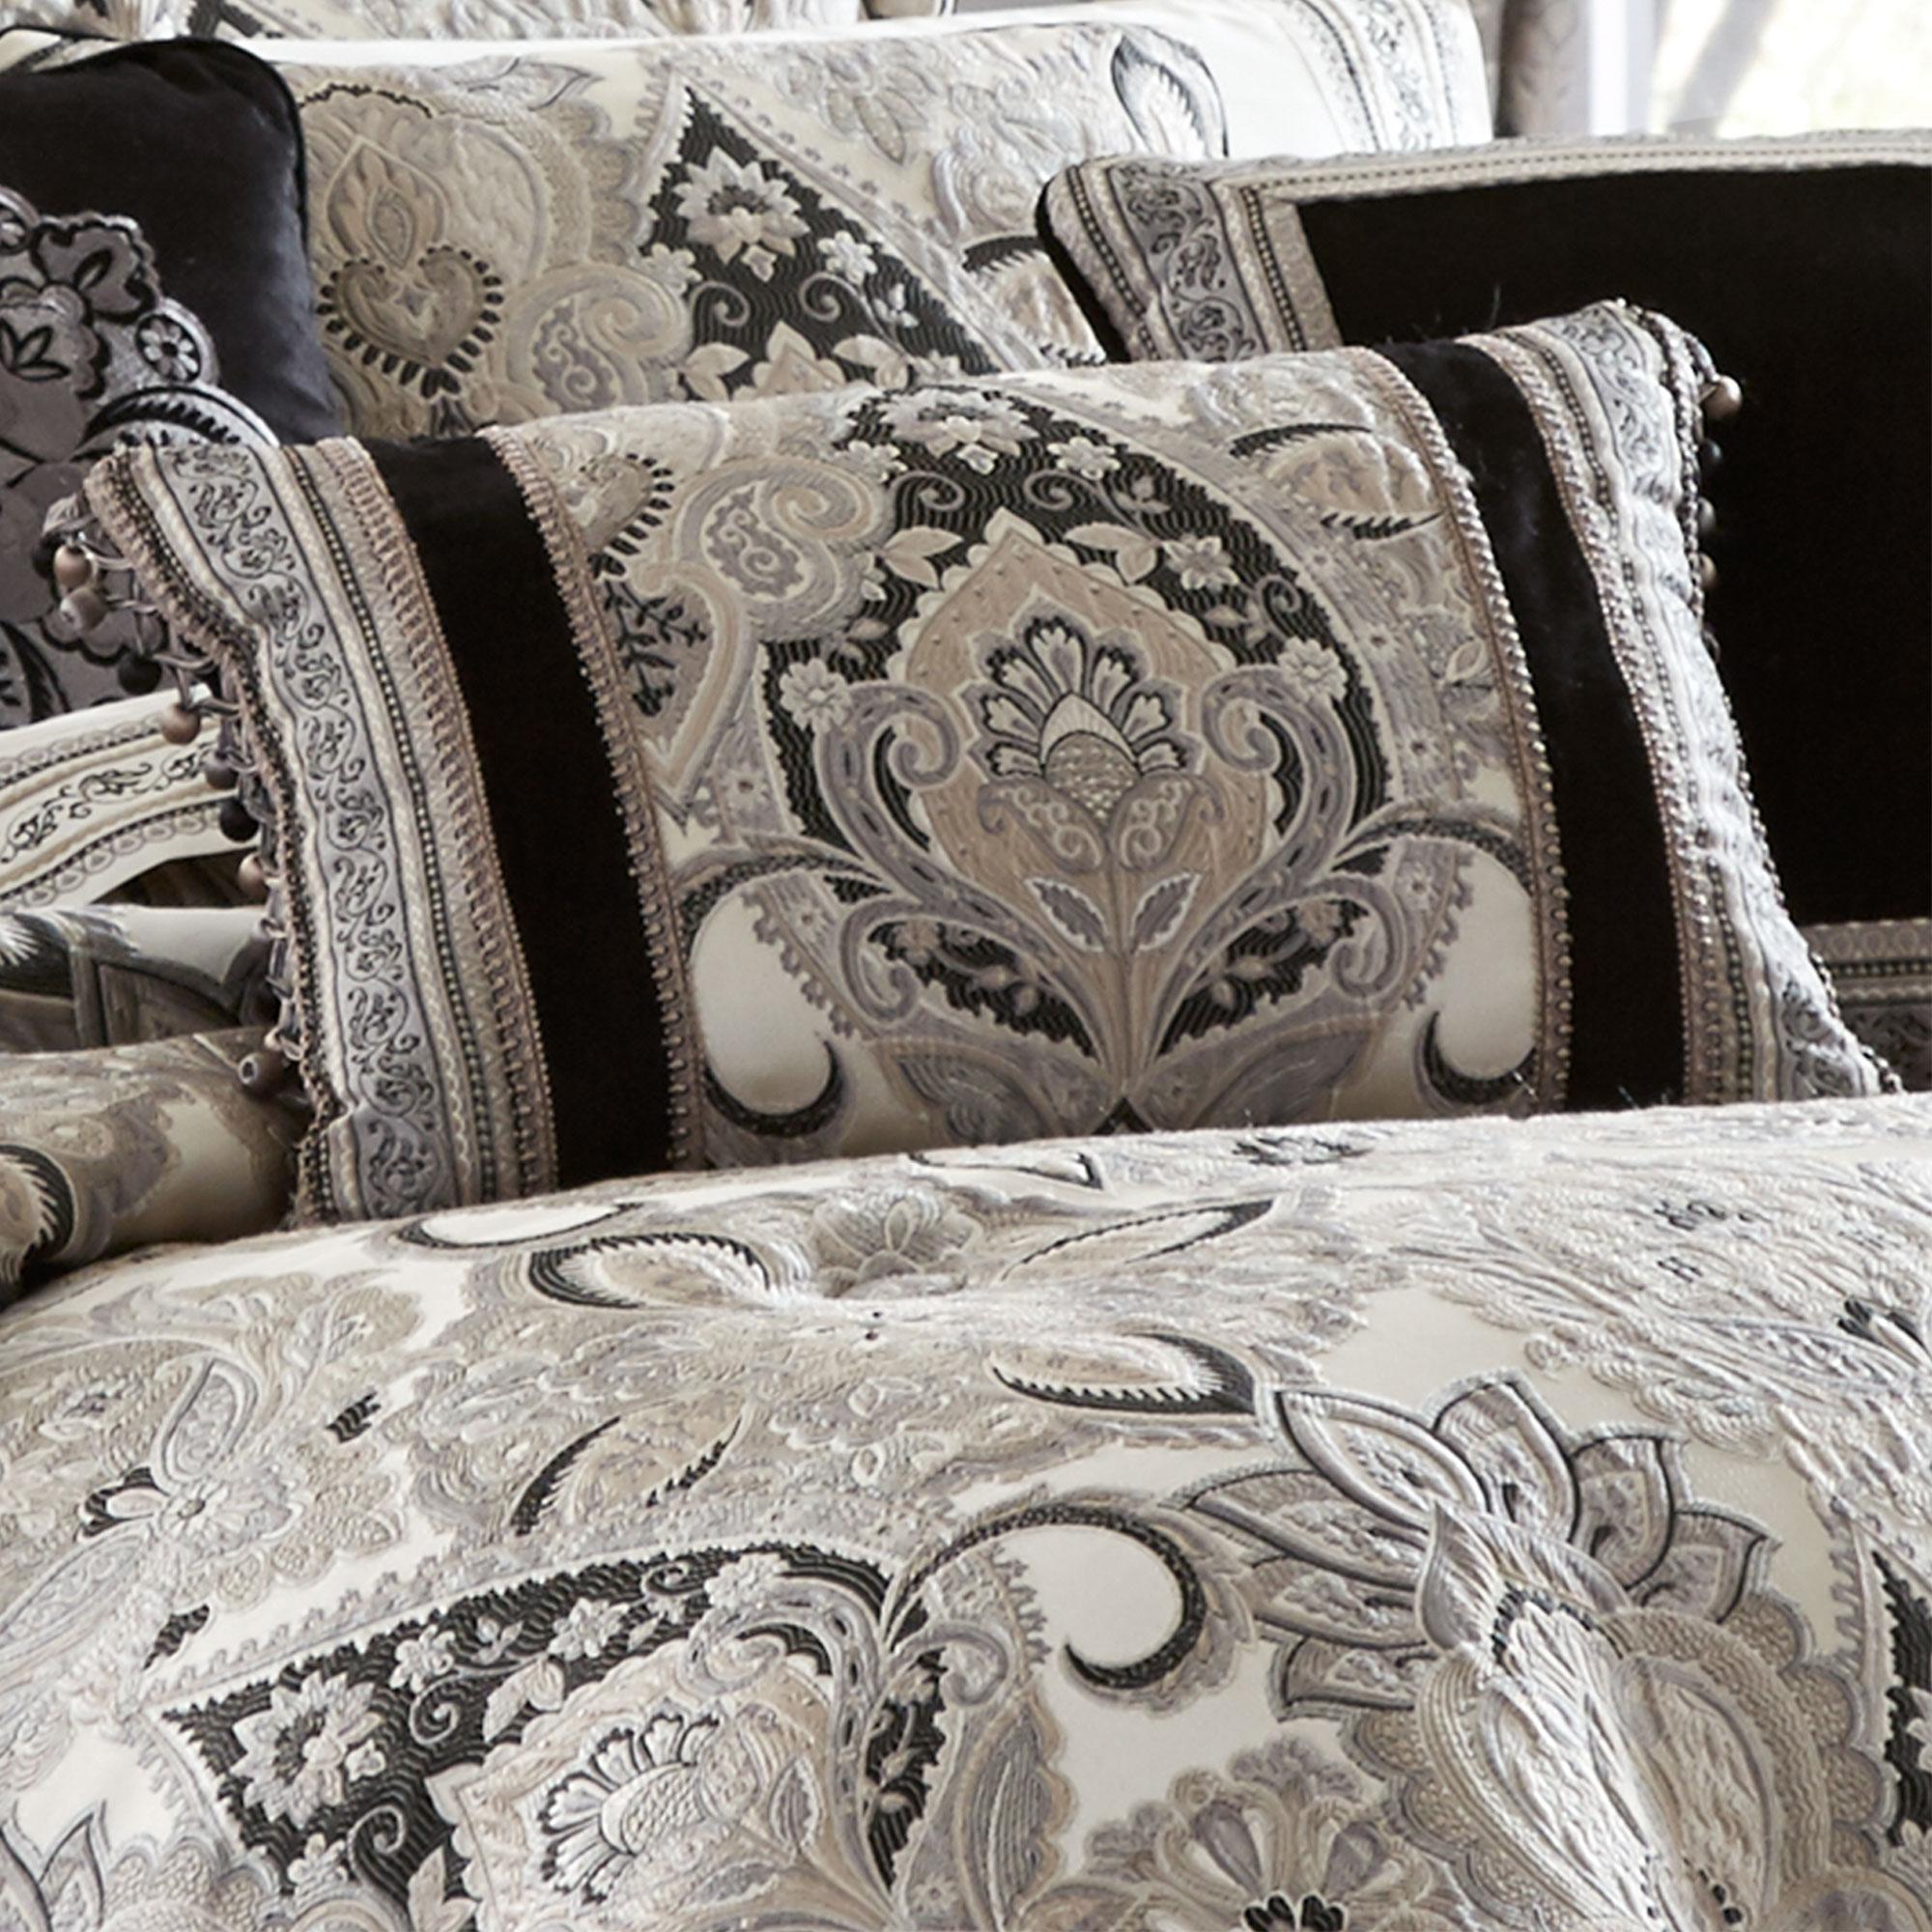 Guiliana Cal King 4 Piece Comforter Set